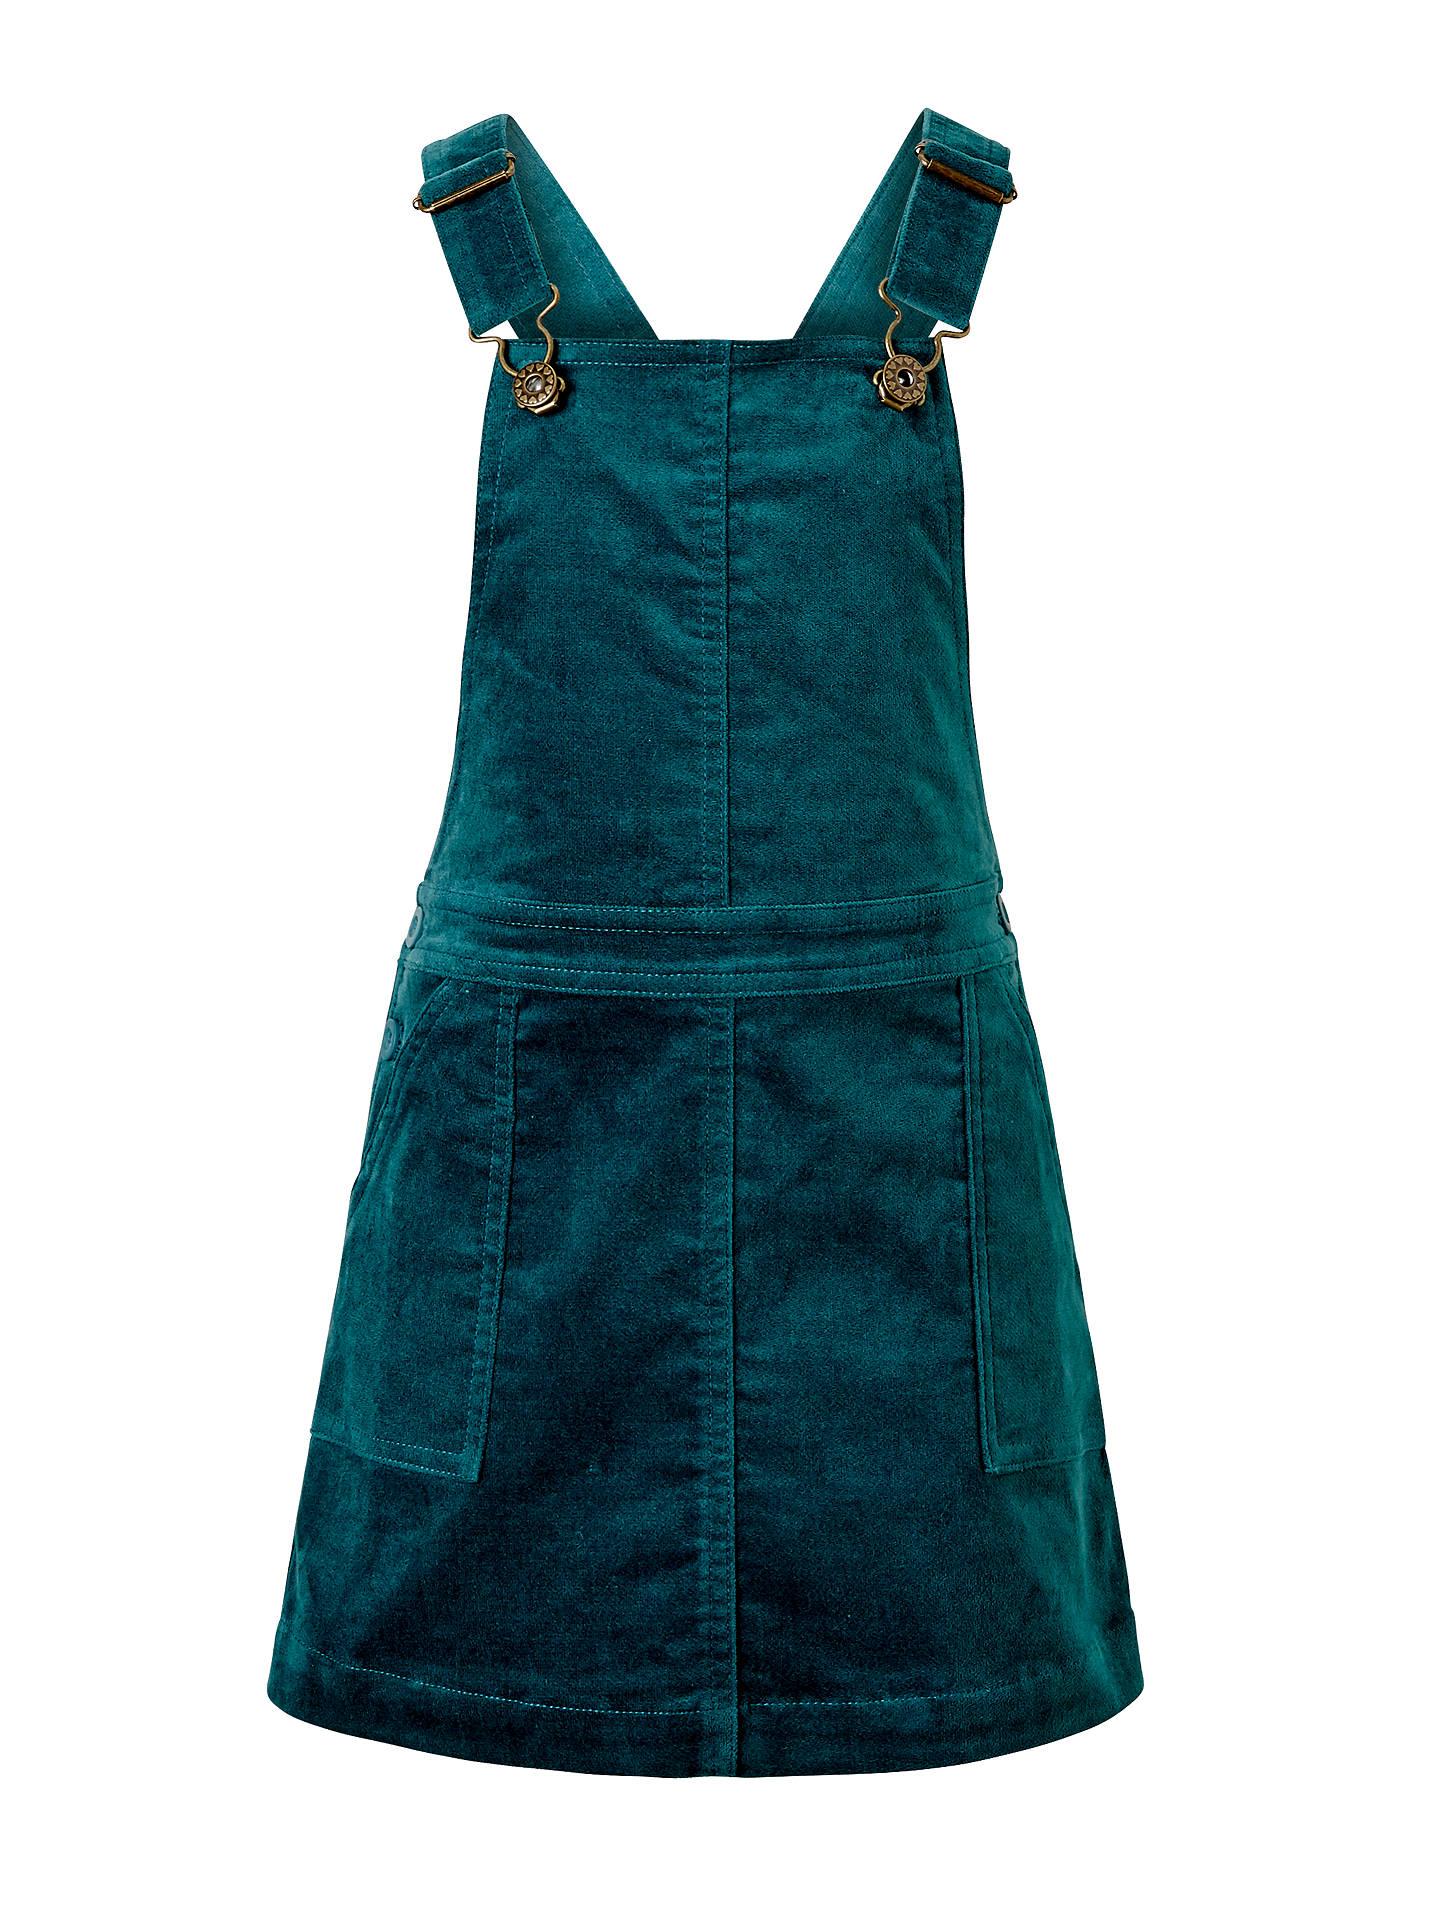 03bd48accaf6 Buy John Lewis Girls' Corduroy Pinafore Dress, Green, 2 years Online at  johnlewis ...